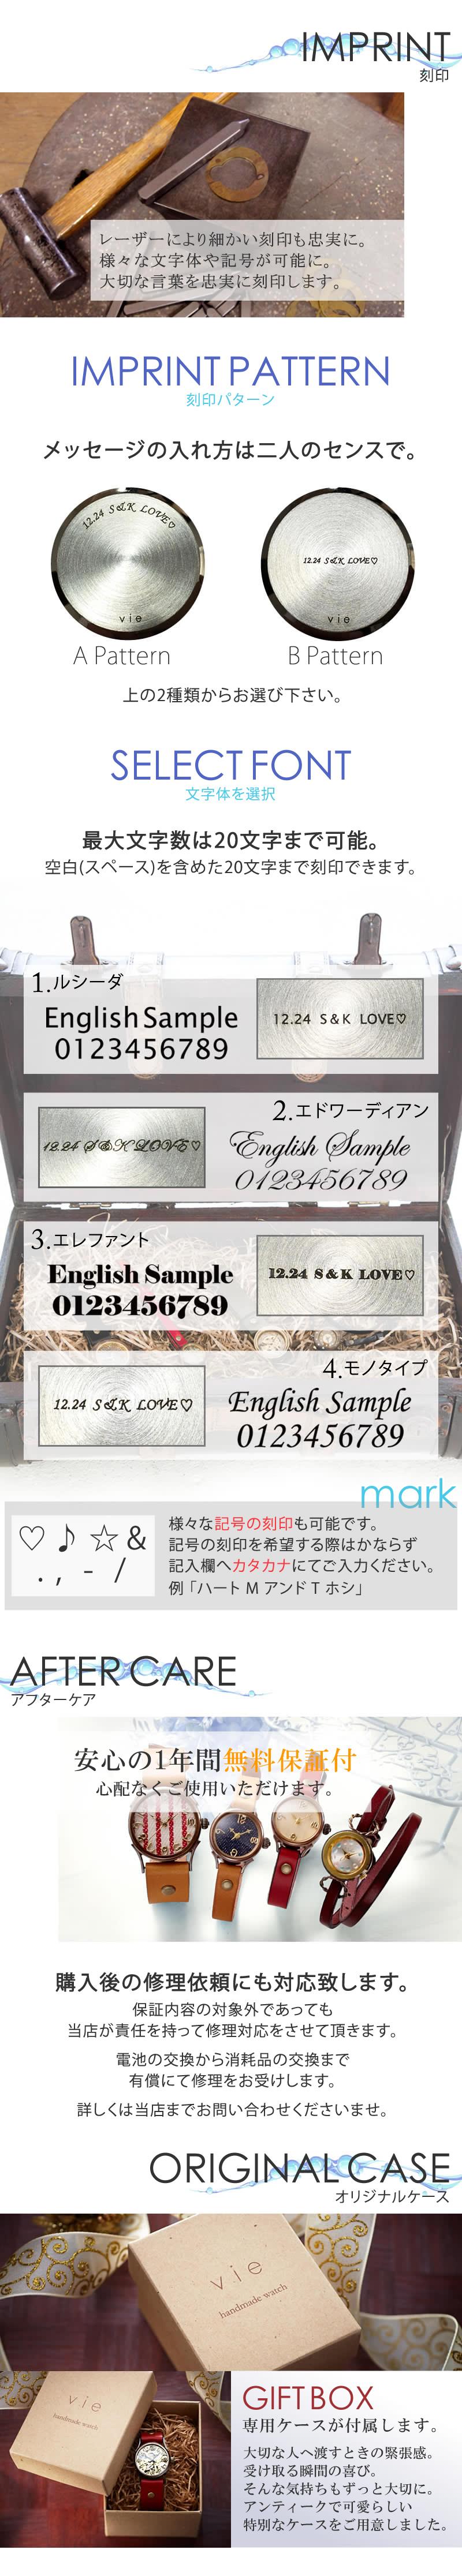 刻印パターン 文字体選択 1年間無料保証 オリジナルケース